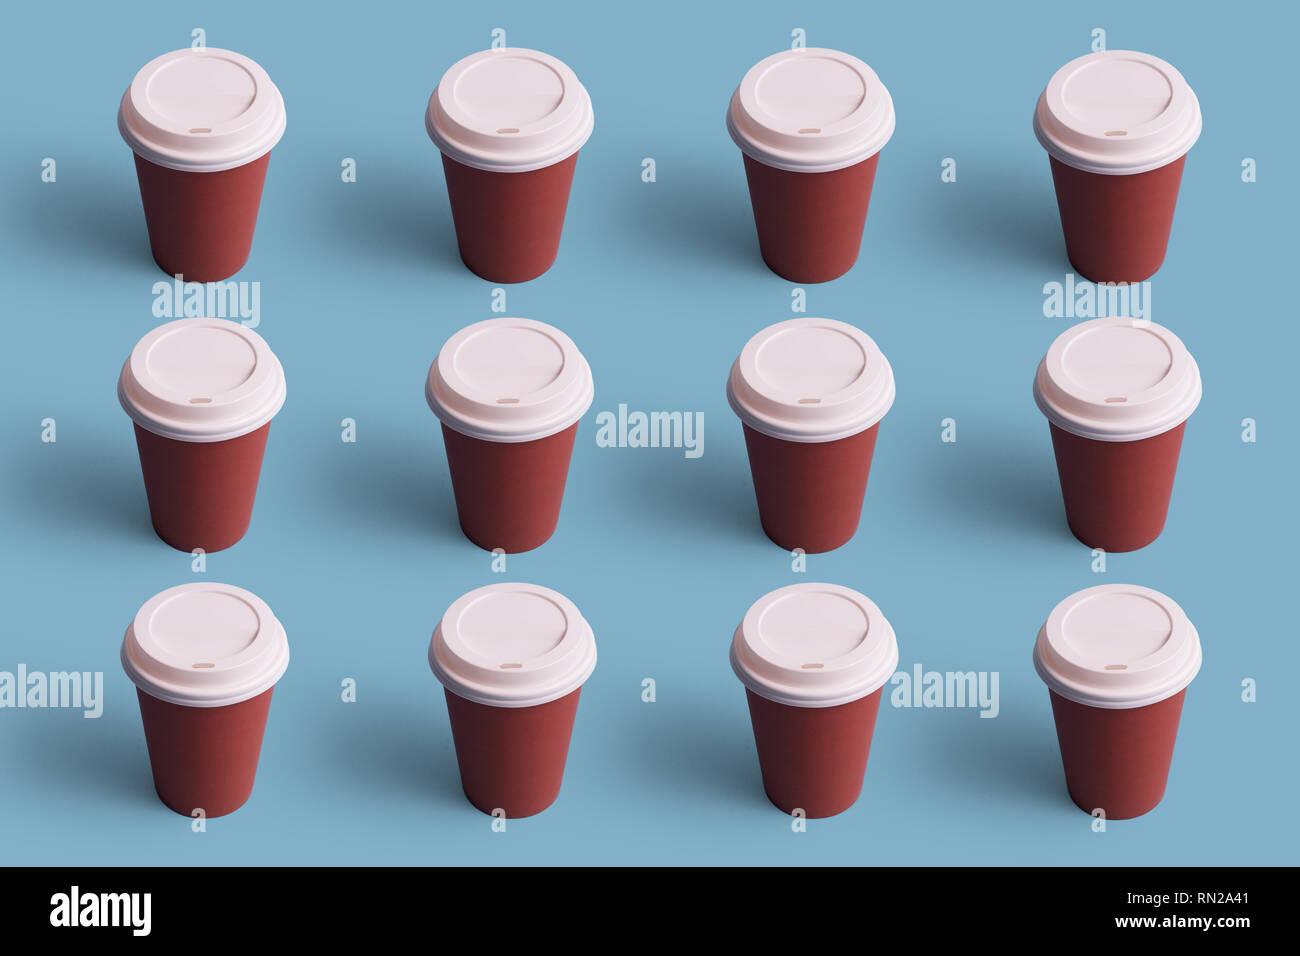 Tazas de café desechables organizadas en una fila sobre fondo azul. Foto de stock